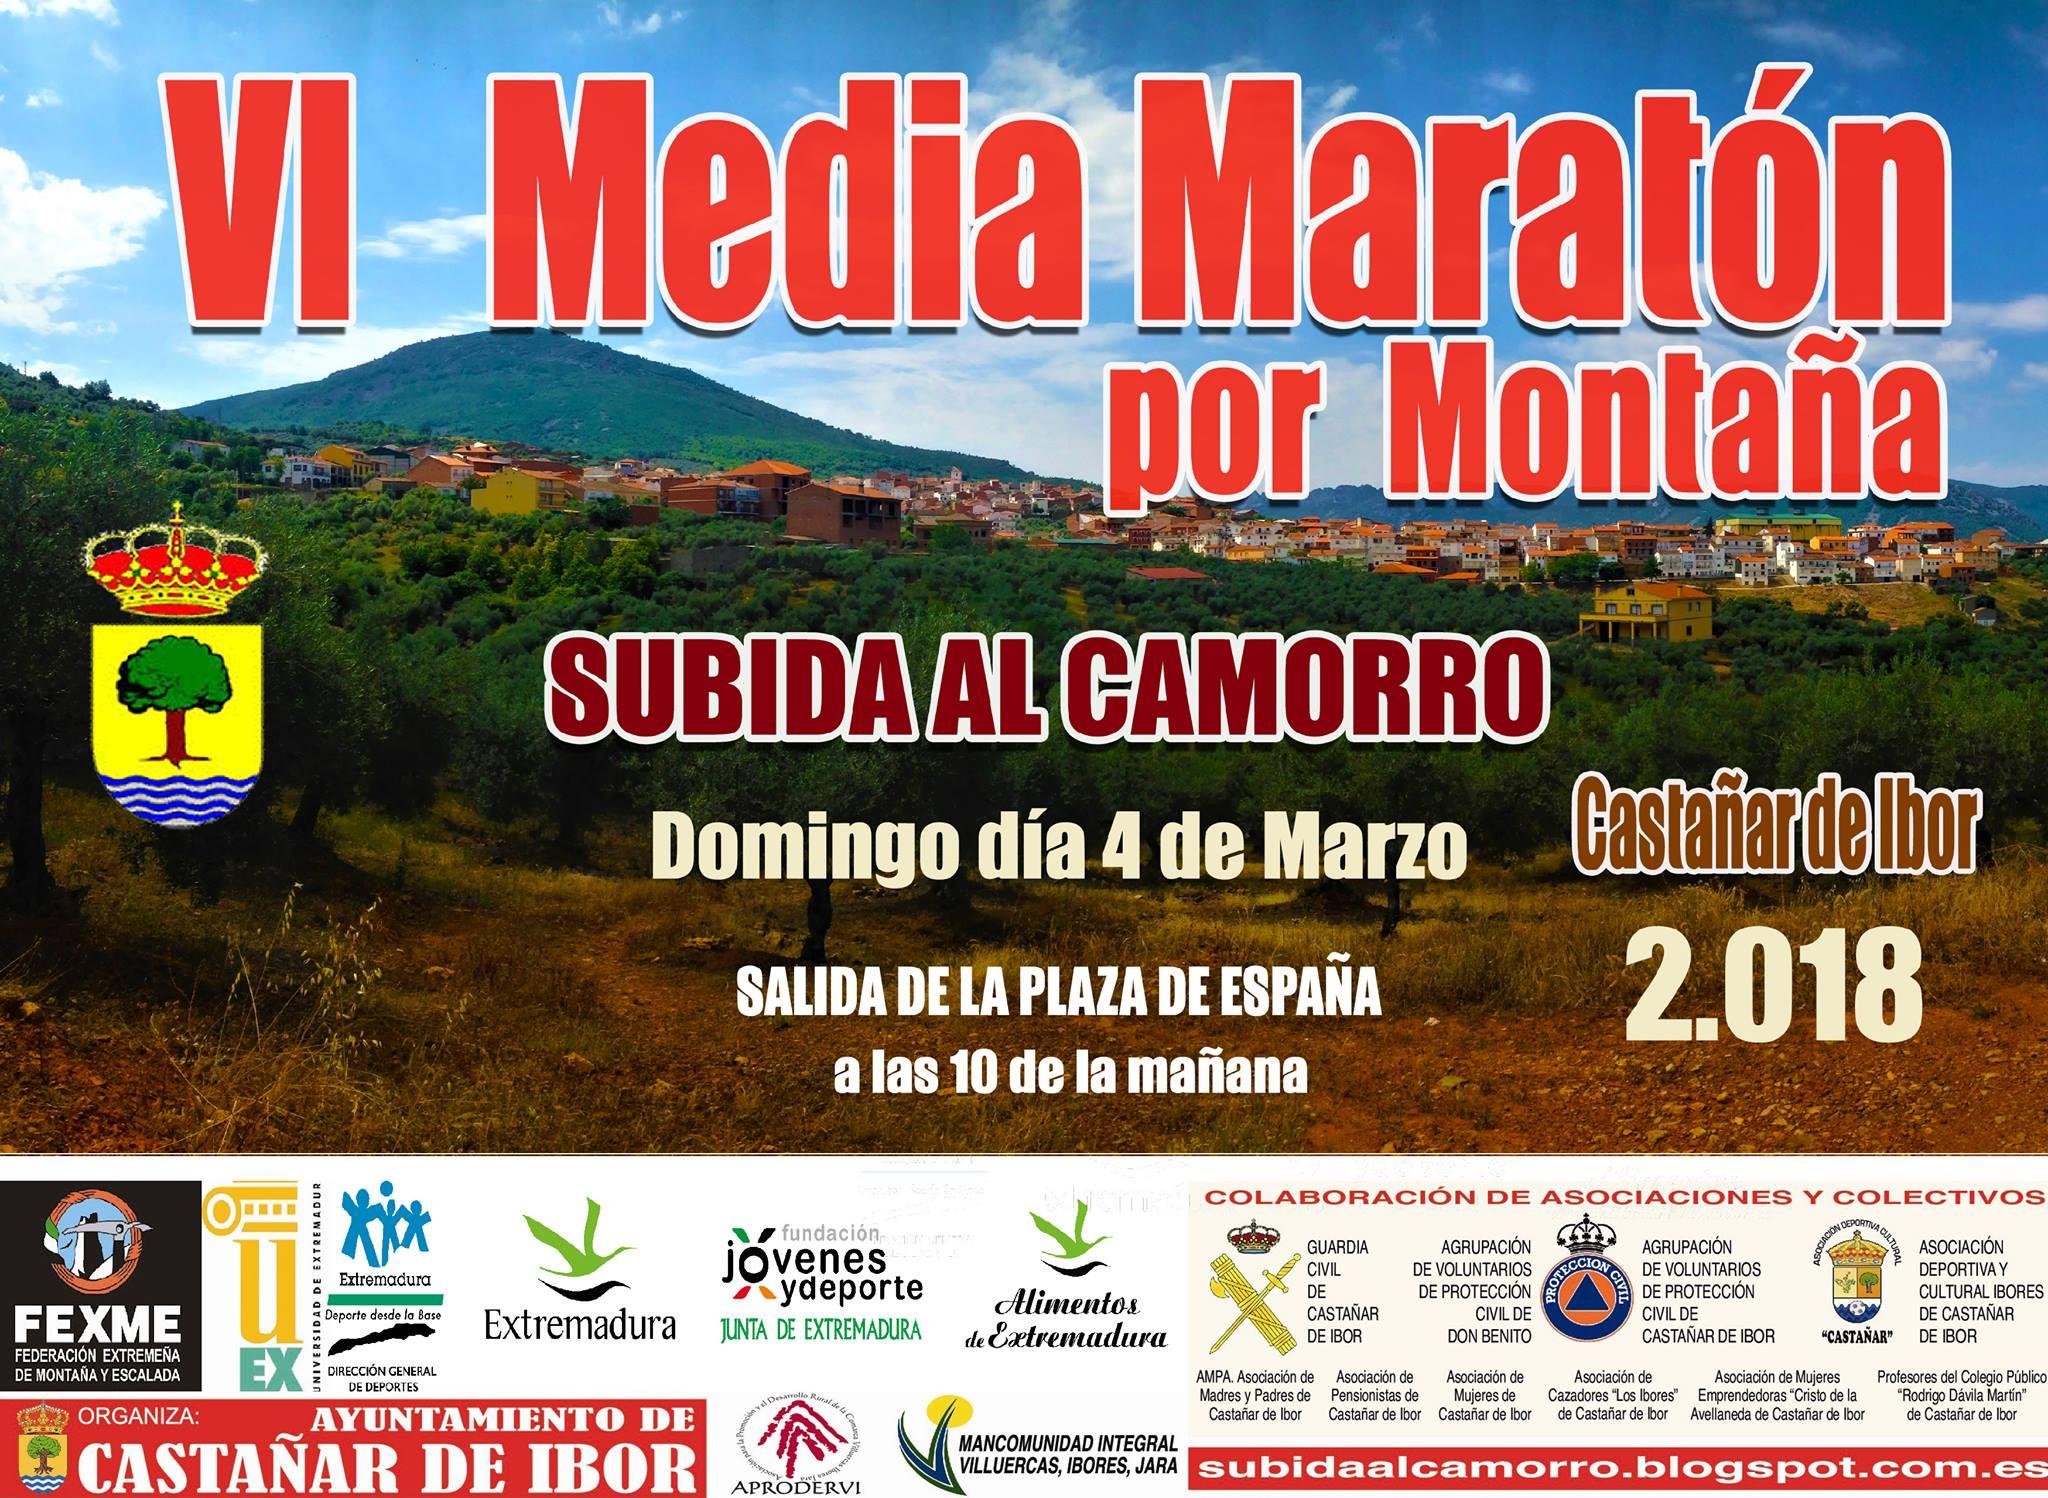 VI Media Maratón por Montaña - Castañar de Ibor